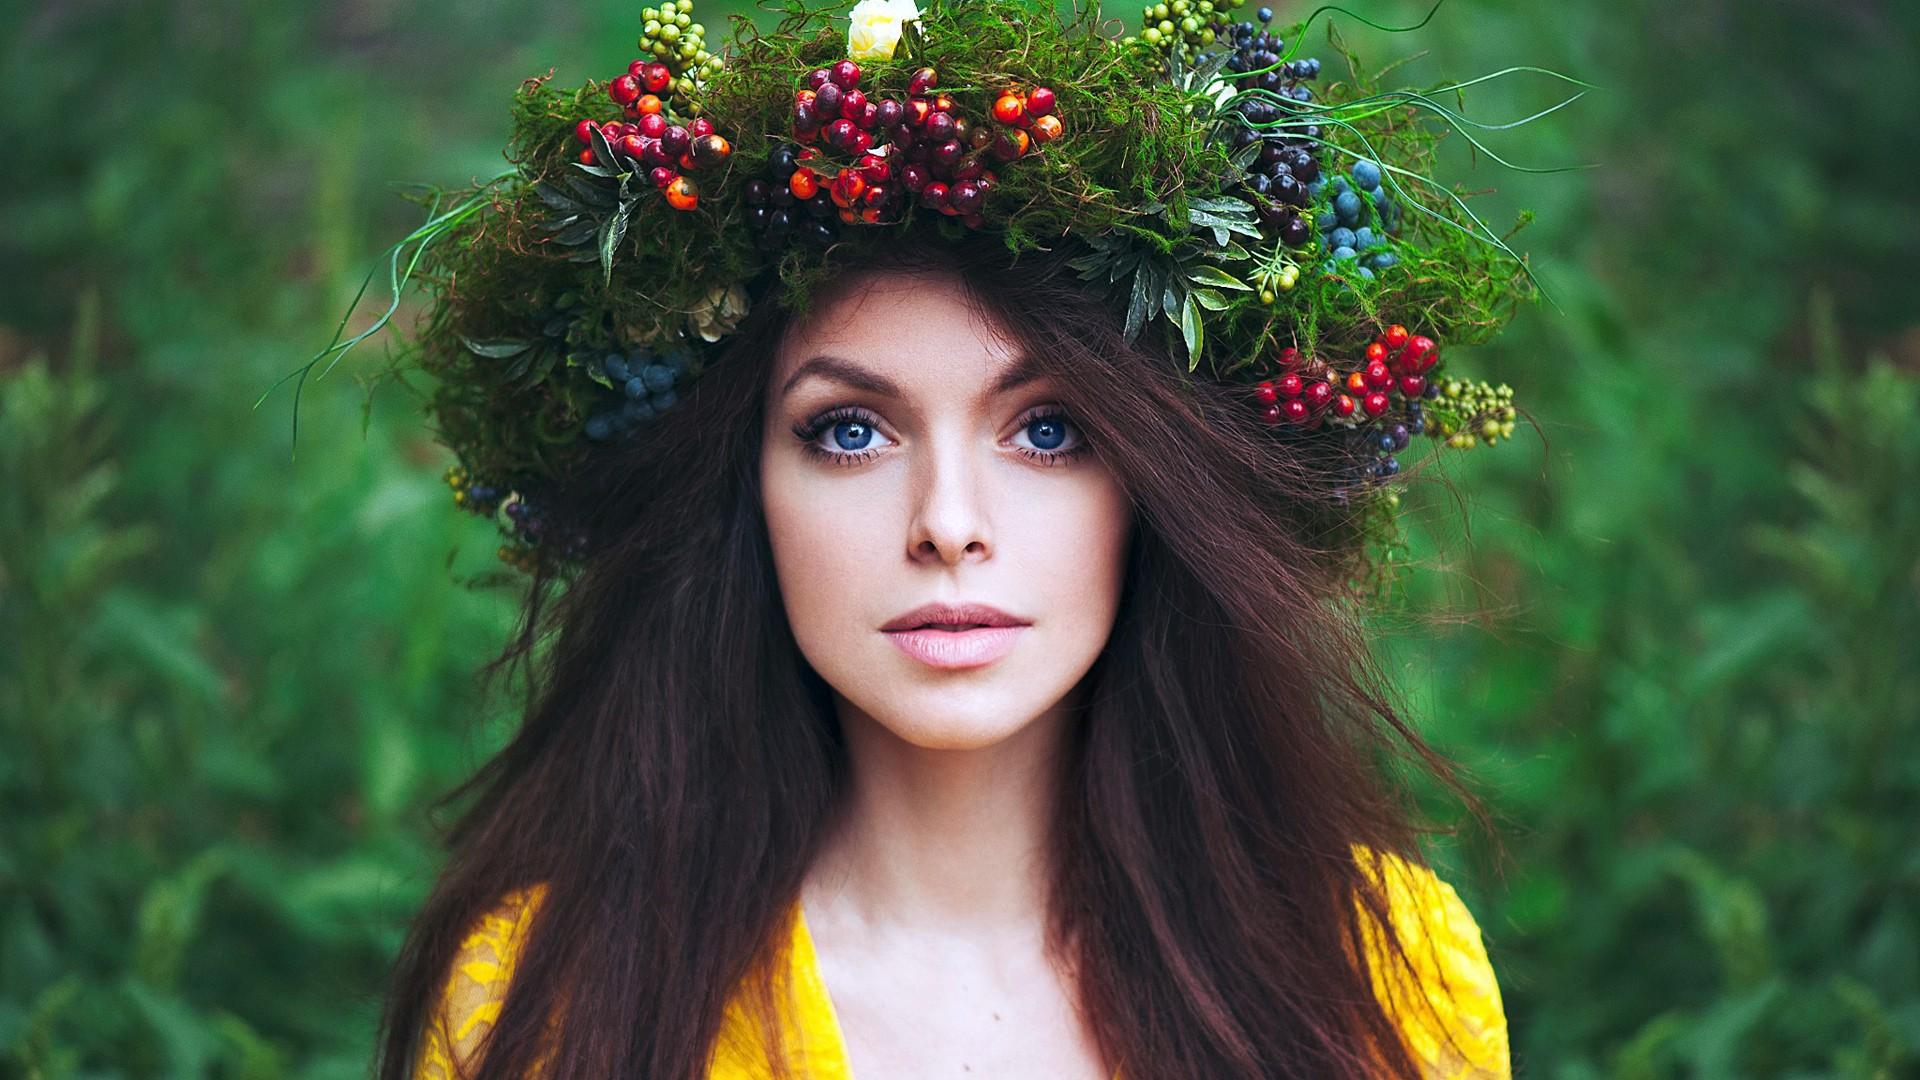 Фото девушек с веночками на голове